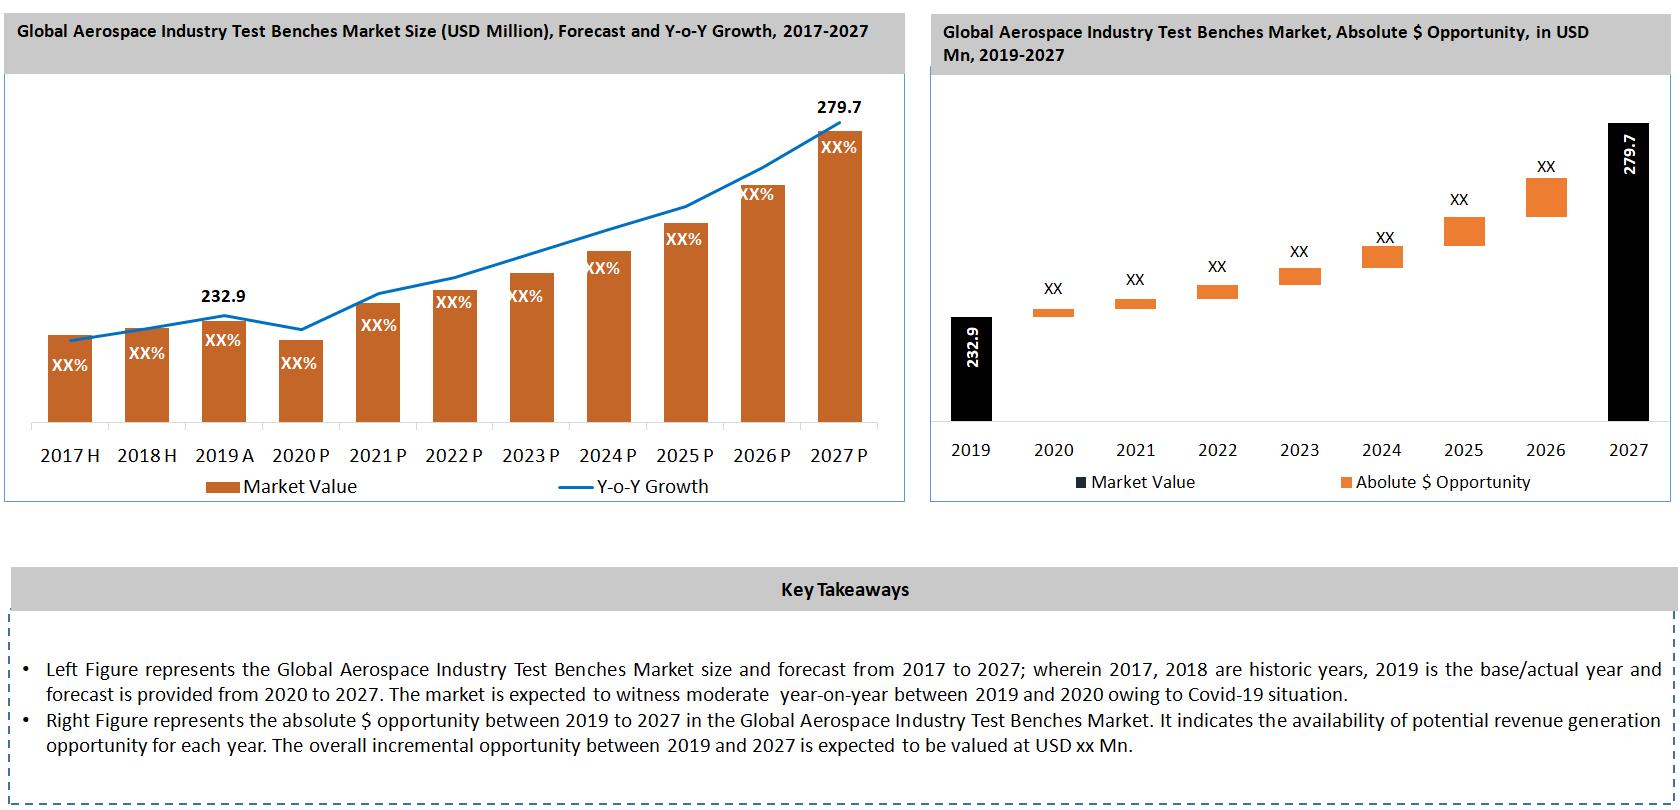 Global Aerospace Industry Test Bench Market Key Takeaways